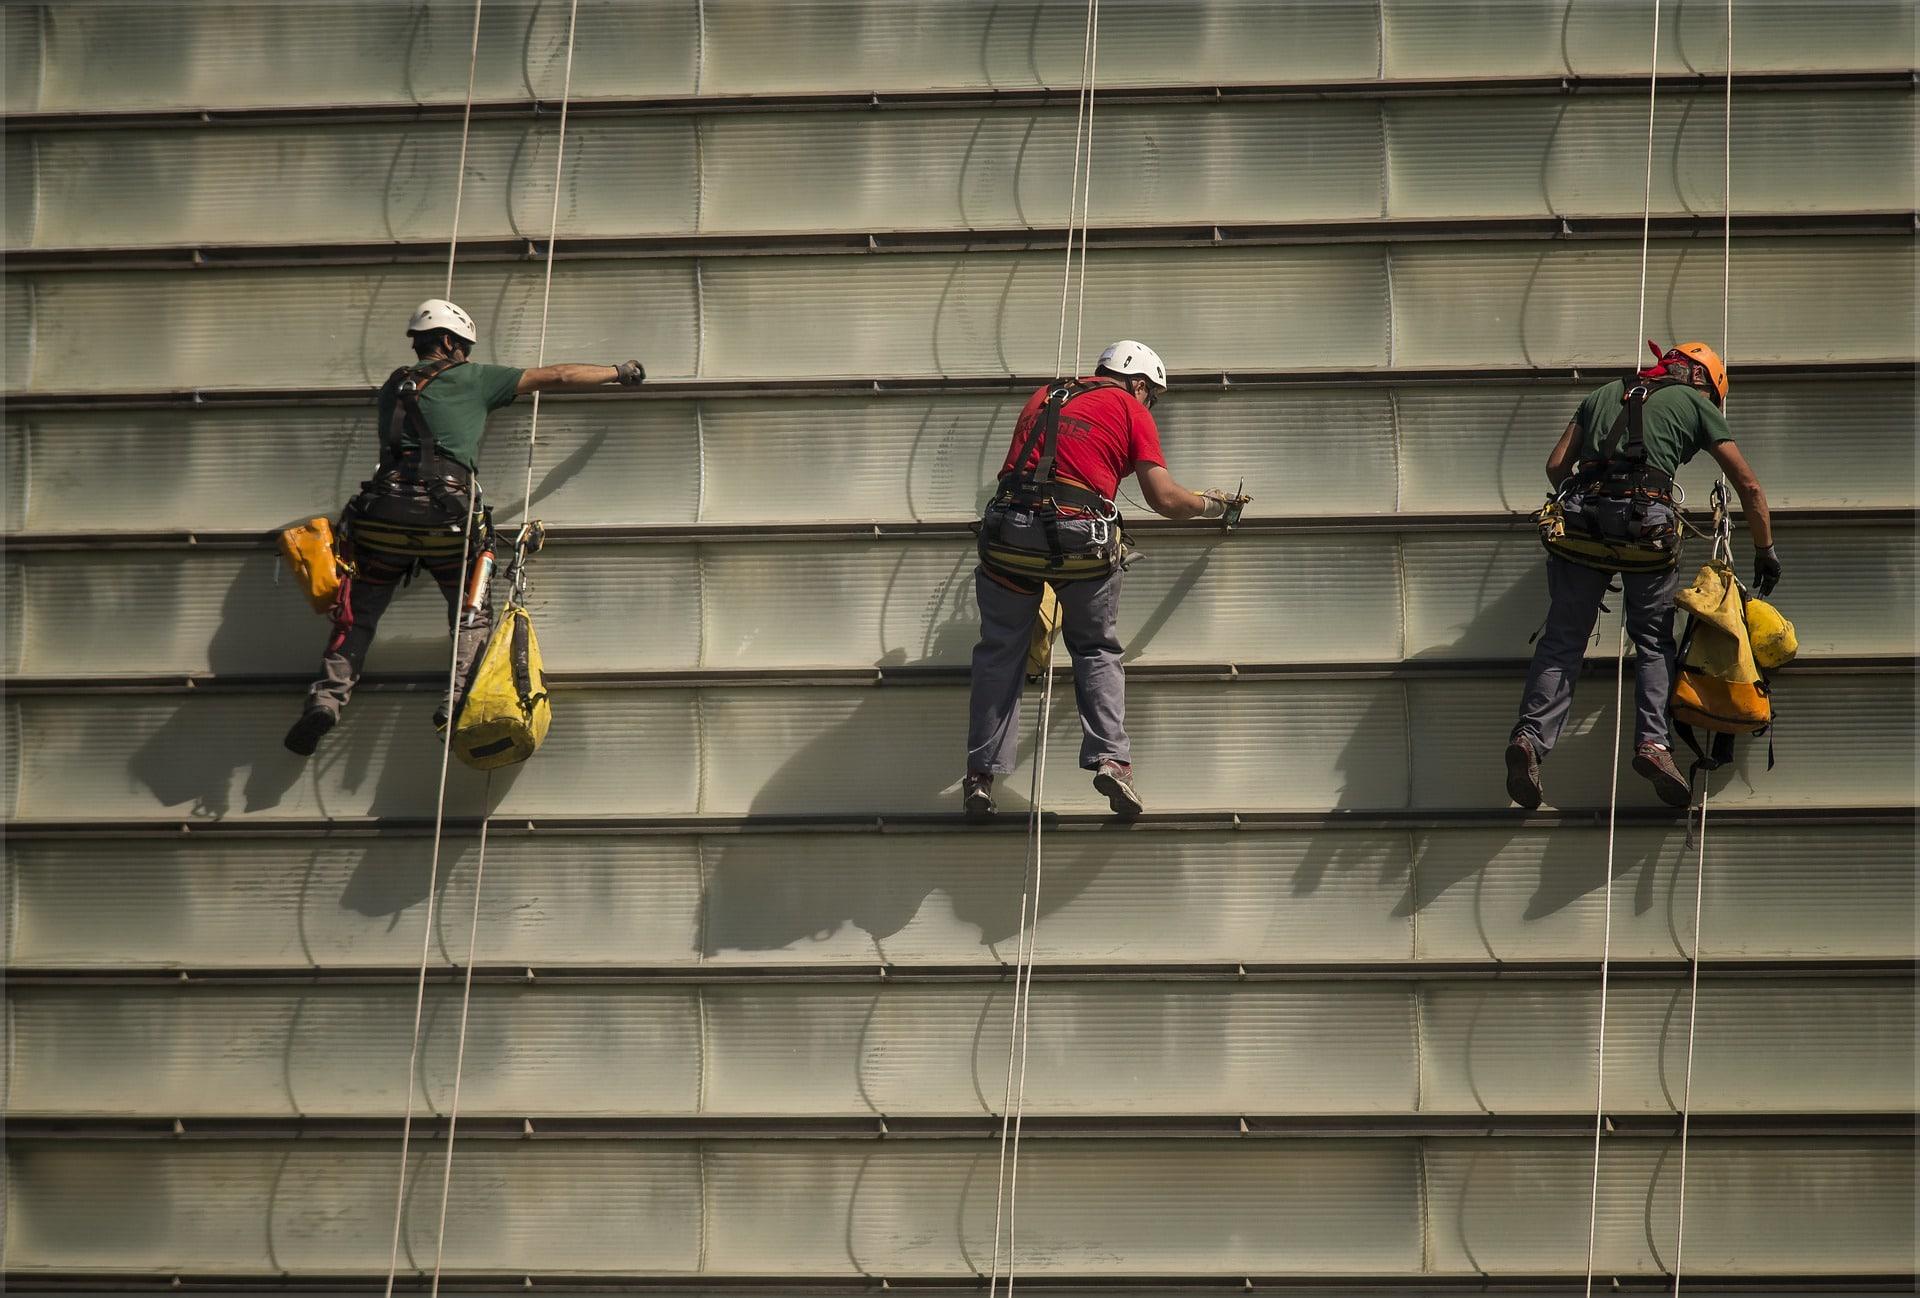 equipo anticaidas retractil en fachada